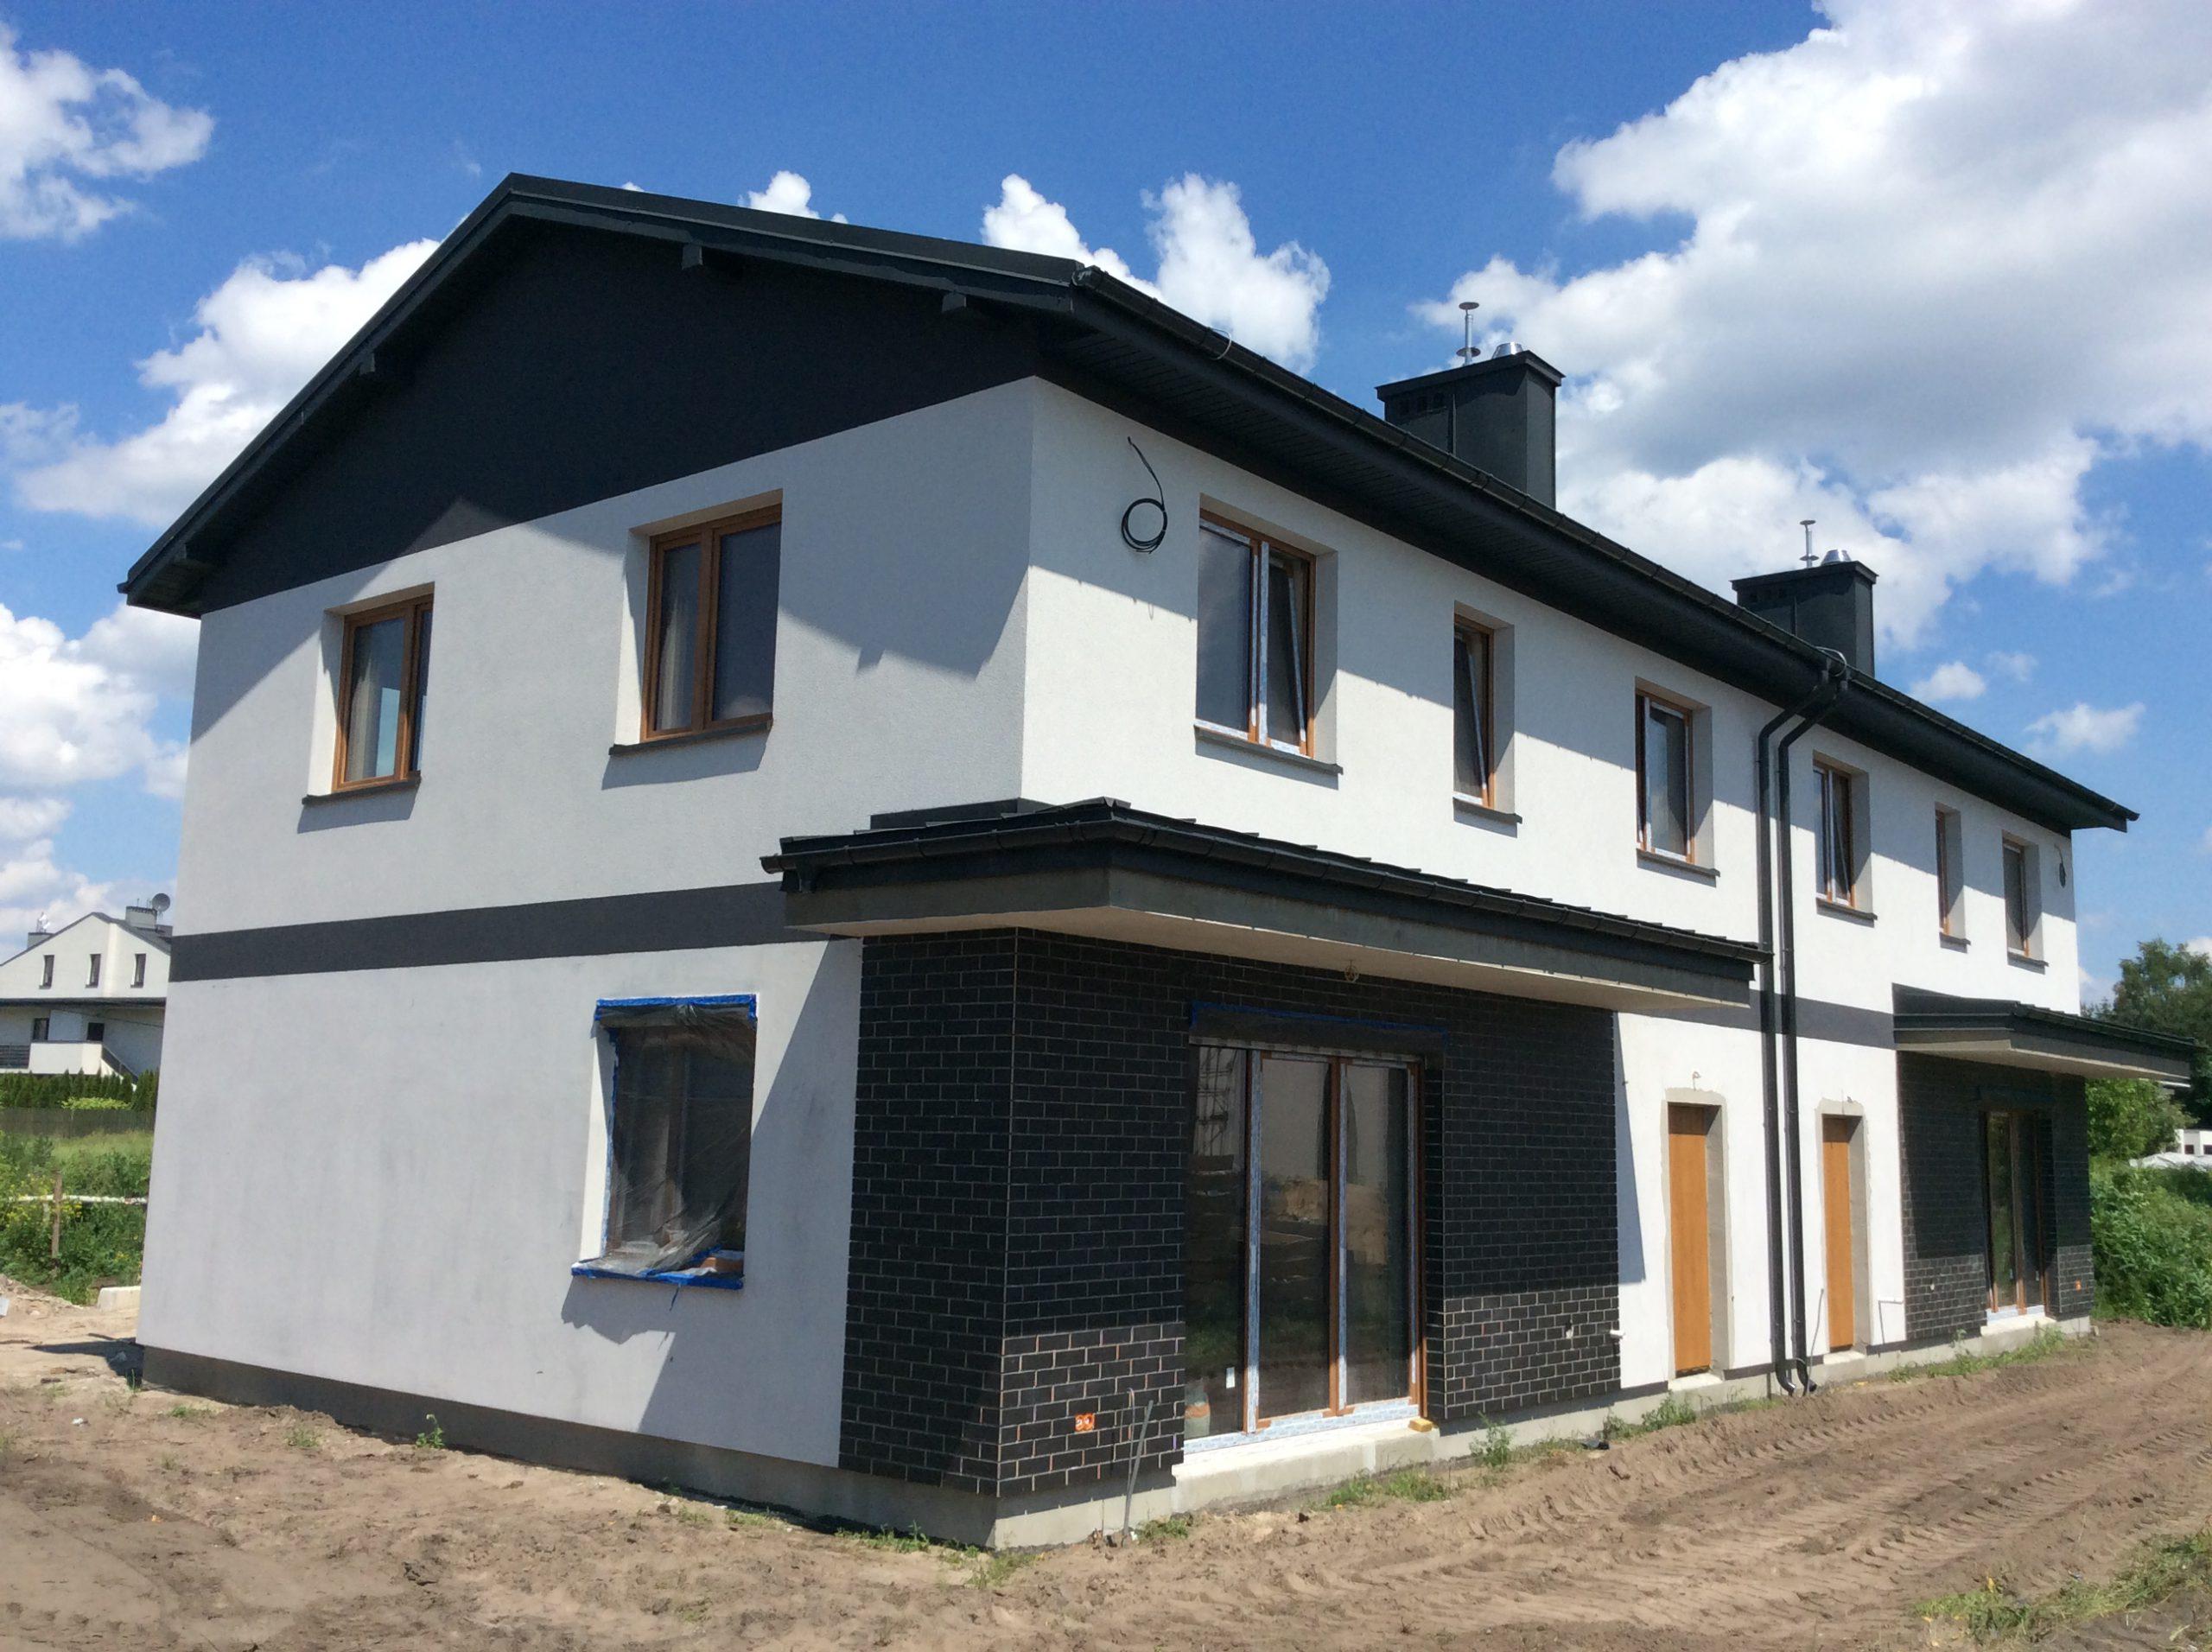 Nowoczesne i energoooszczędne domy w dzielnicy Wawer już dostępne!